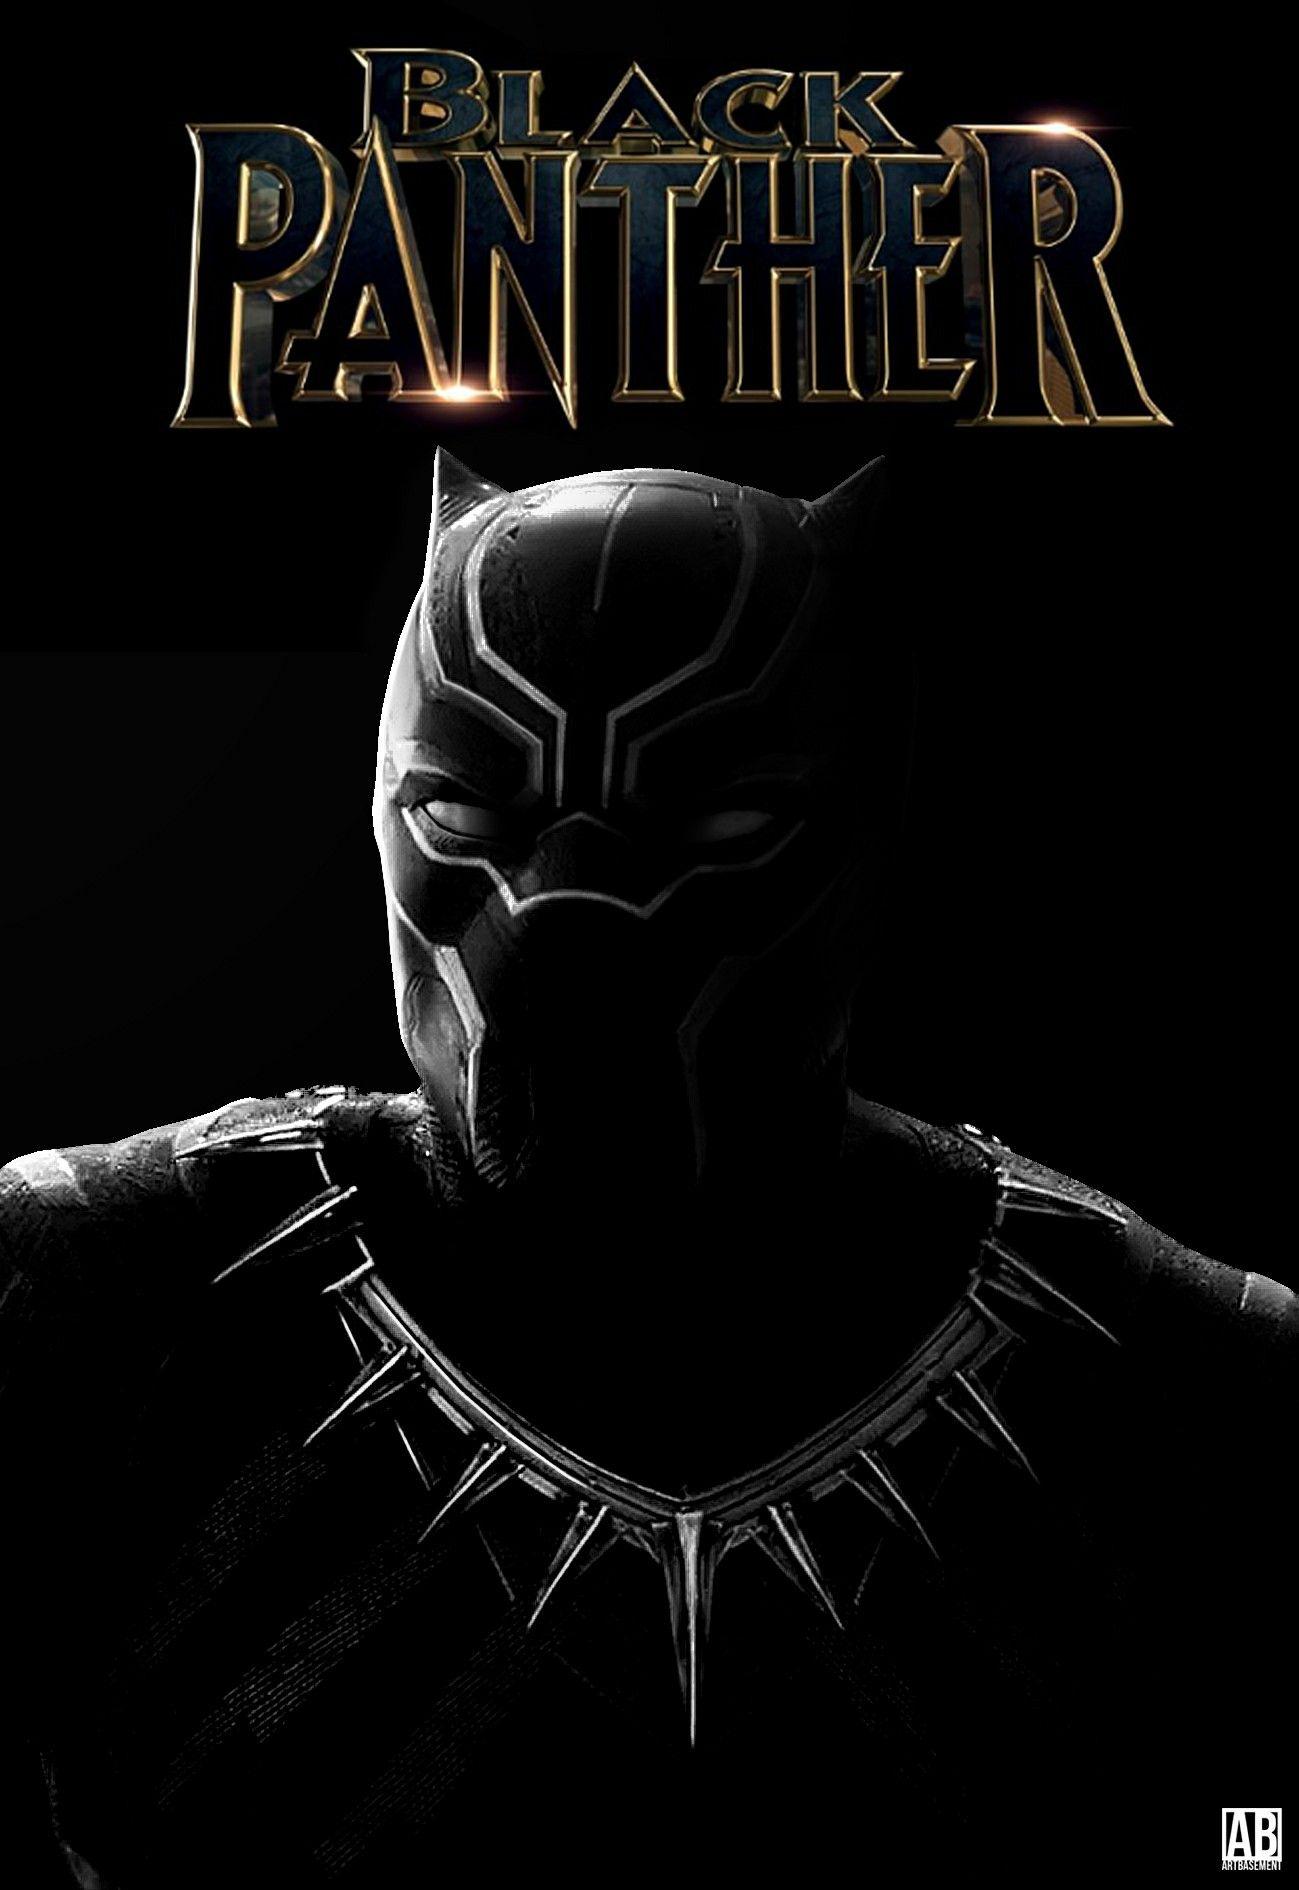 MCU Black Panther Black panther drawing, Black panther